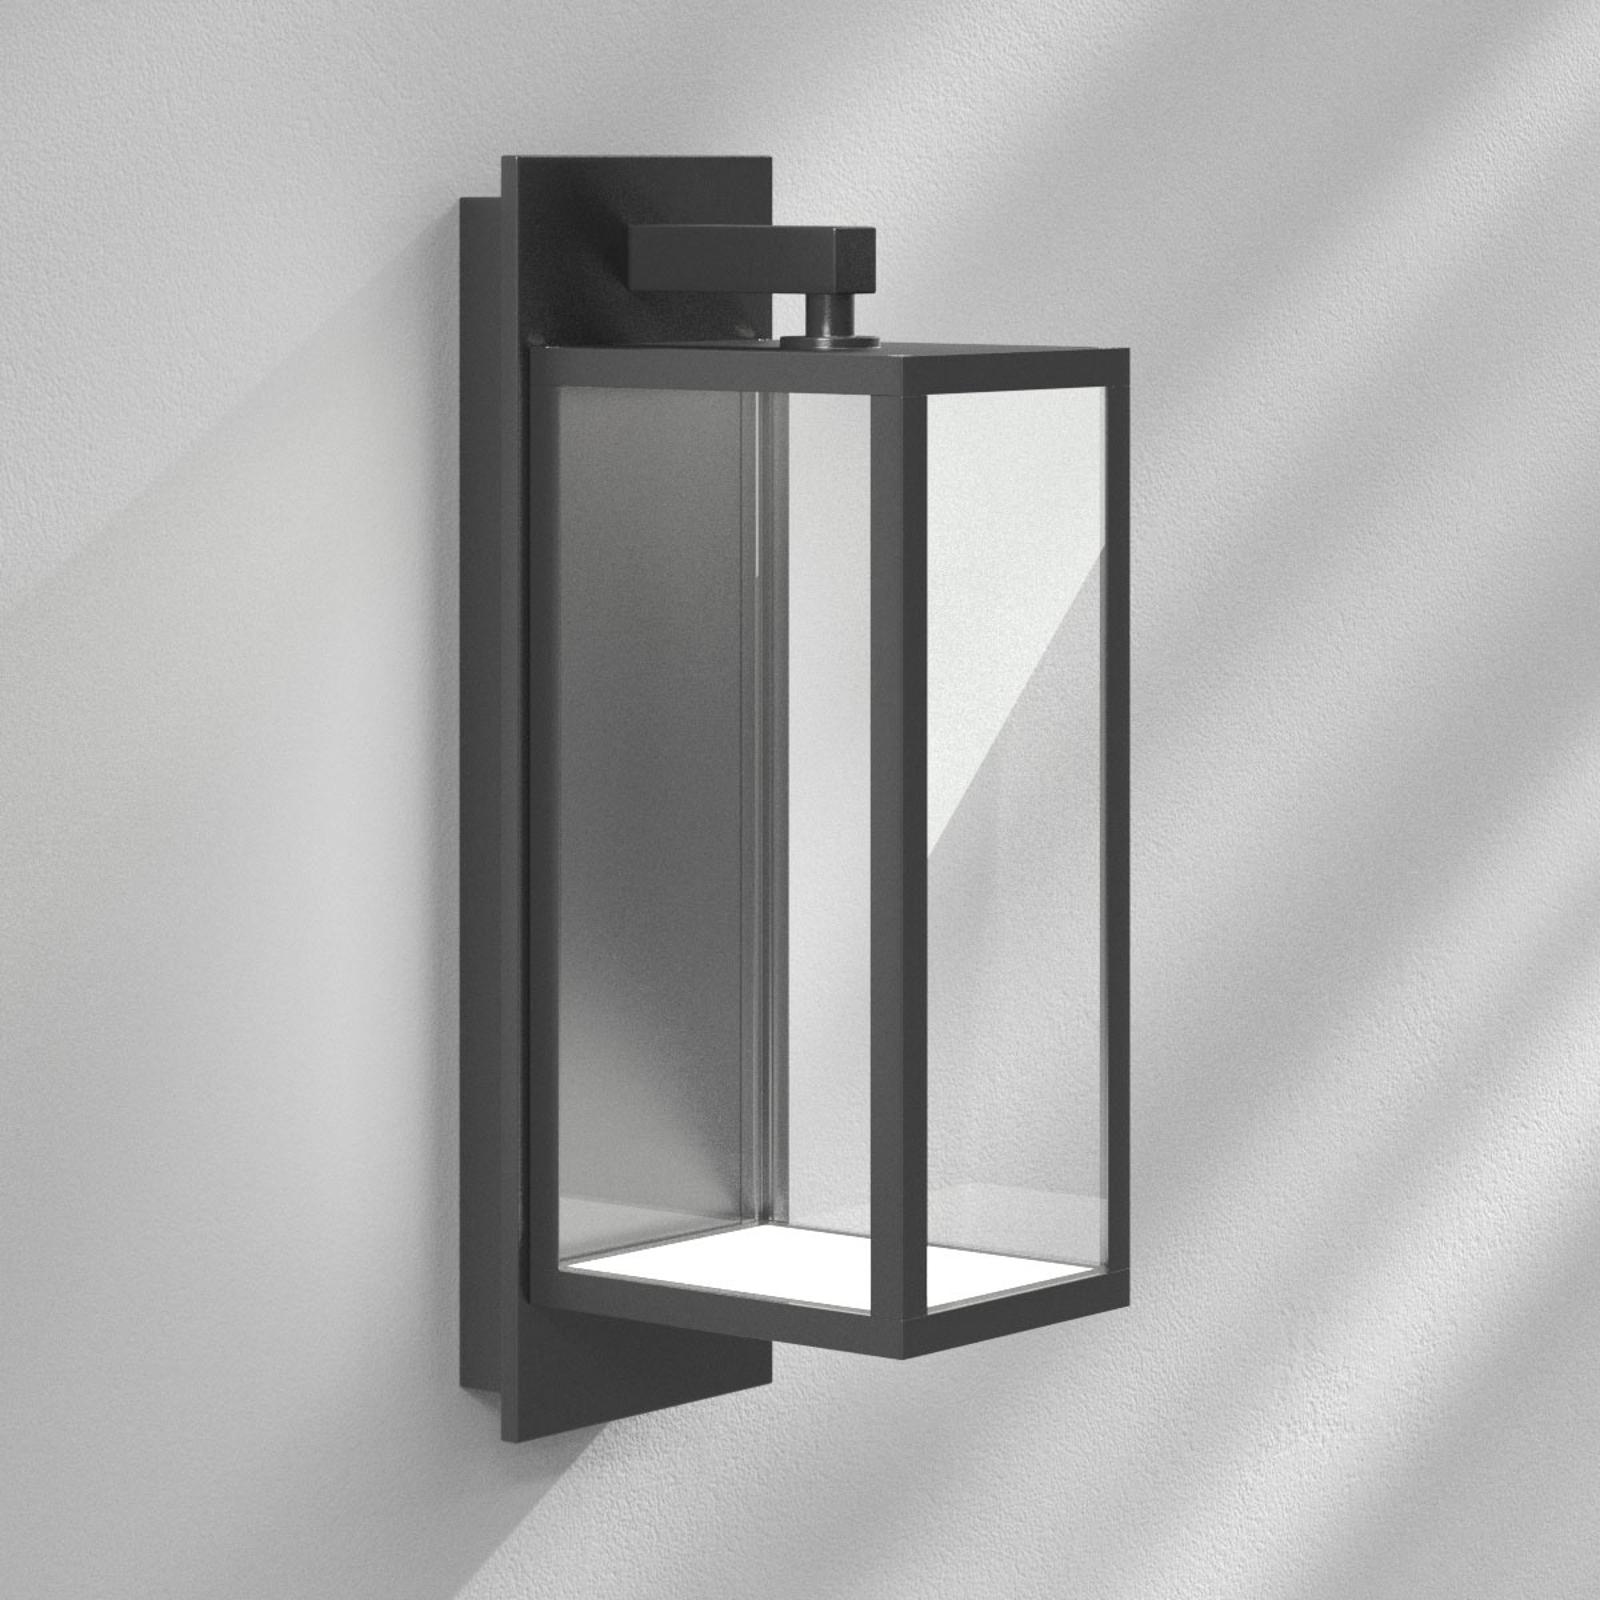 Applique d'extérieur LED Kerala forme de lanterne